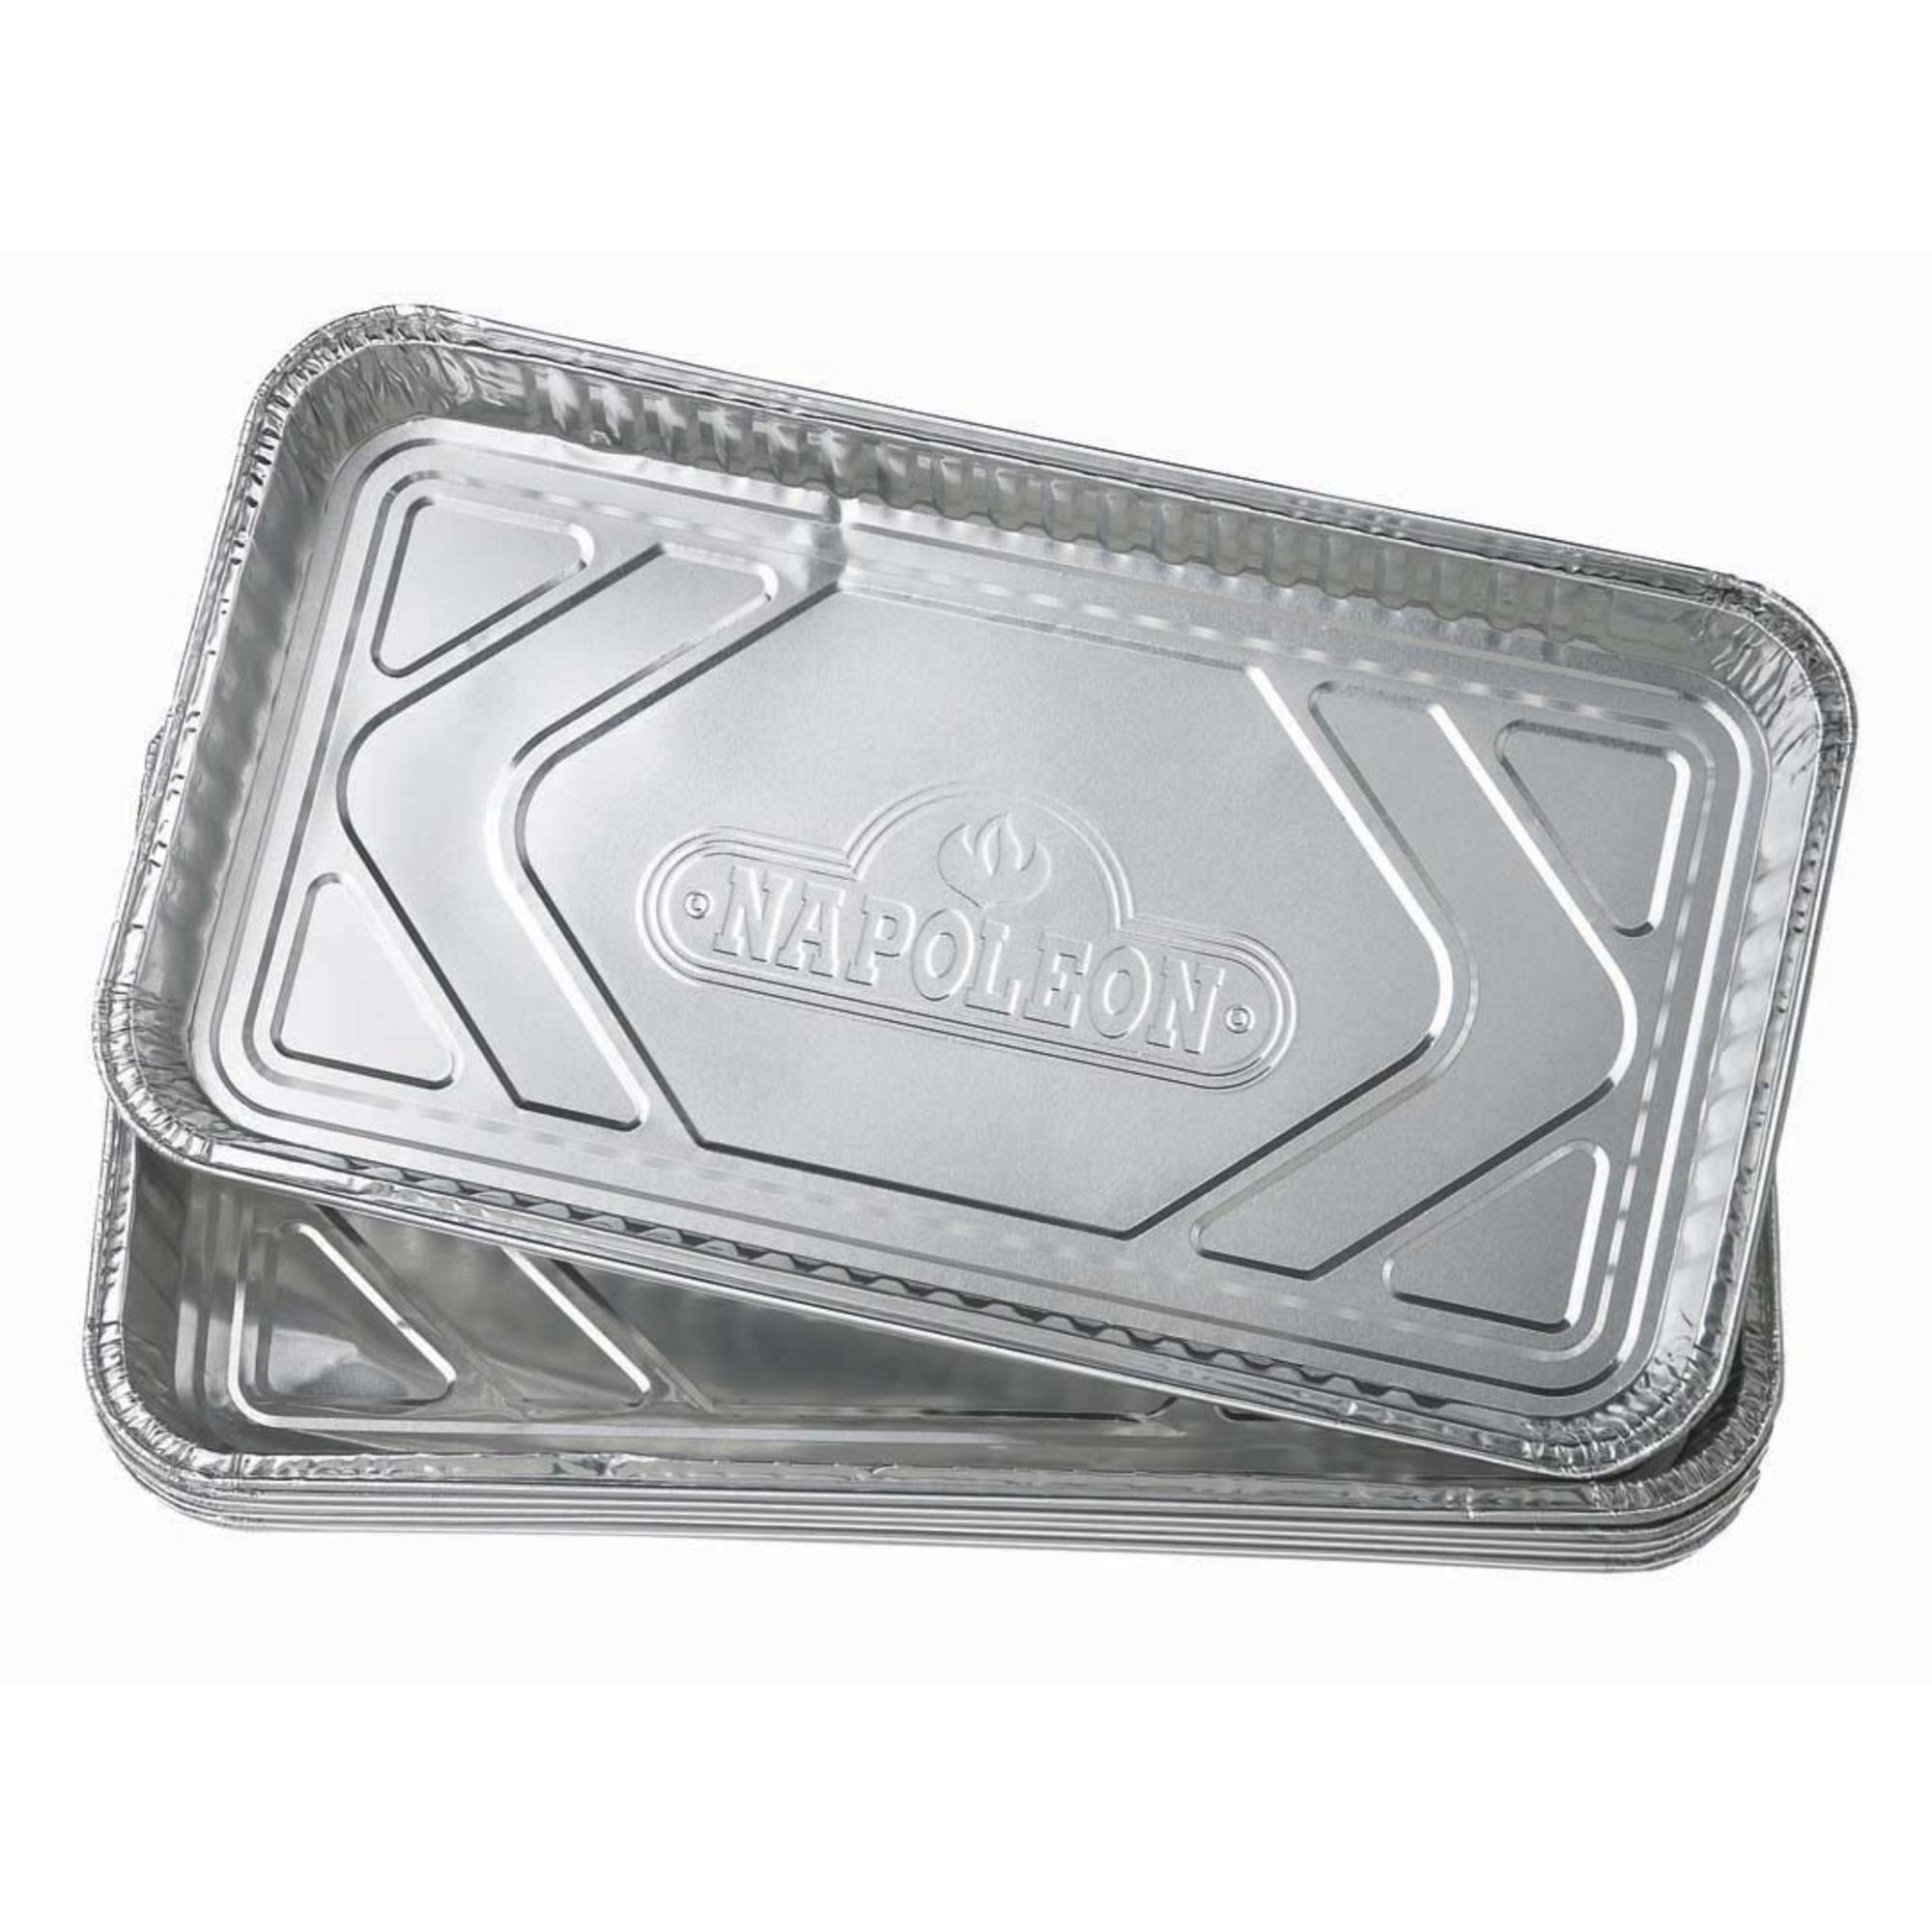 Napoleon Stor Aluminiumform 5-pack